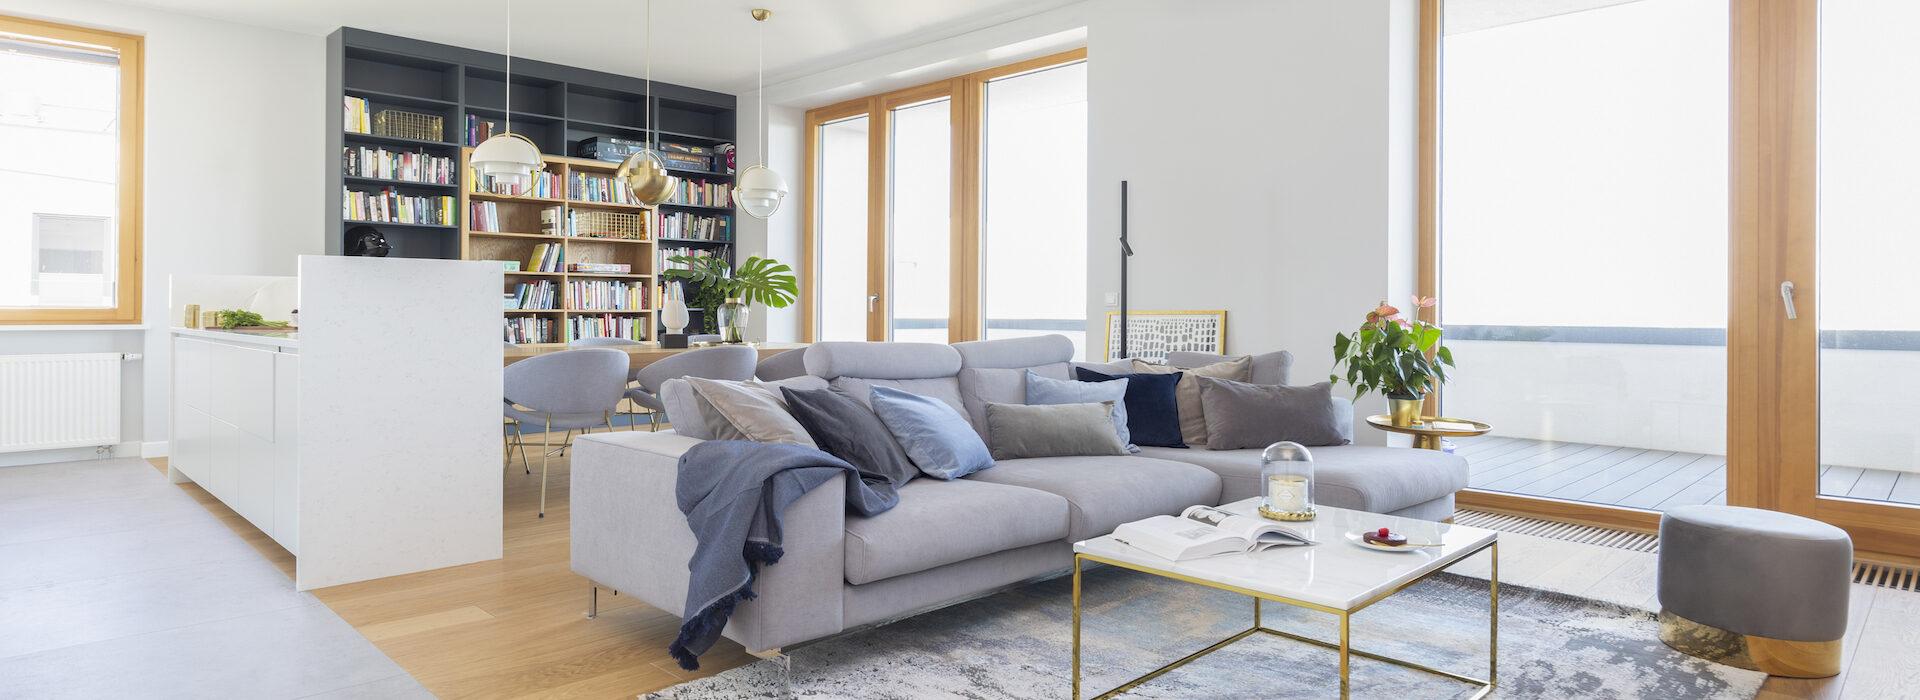 Renee's Interior Design